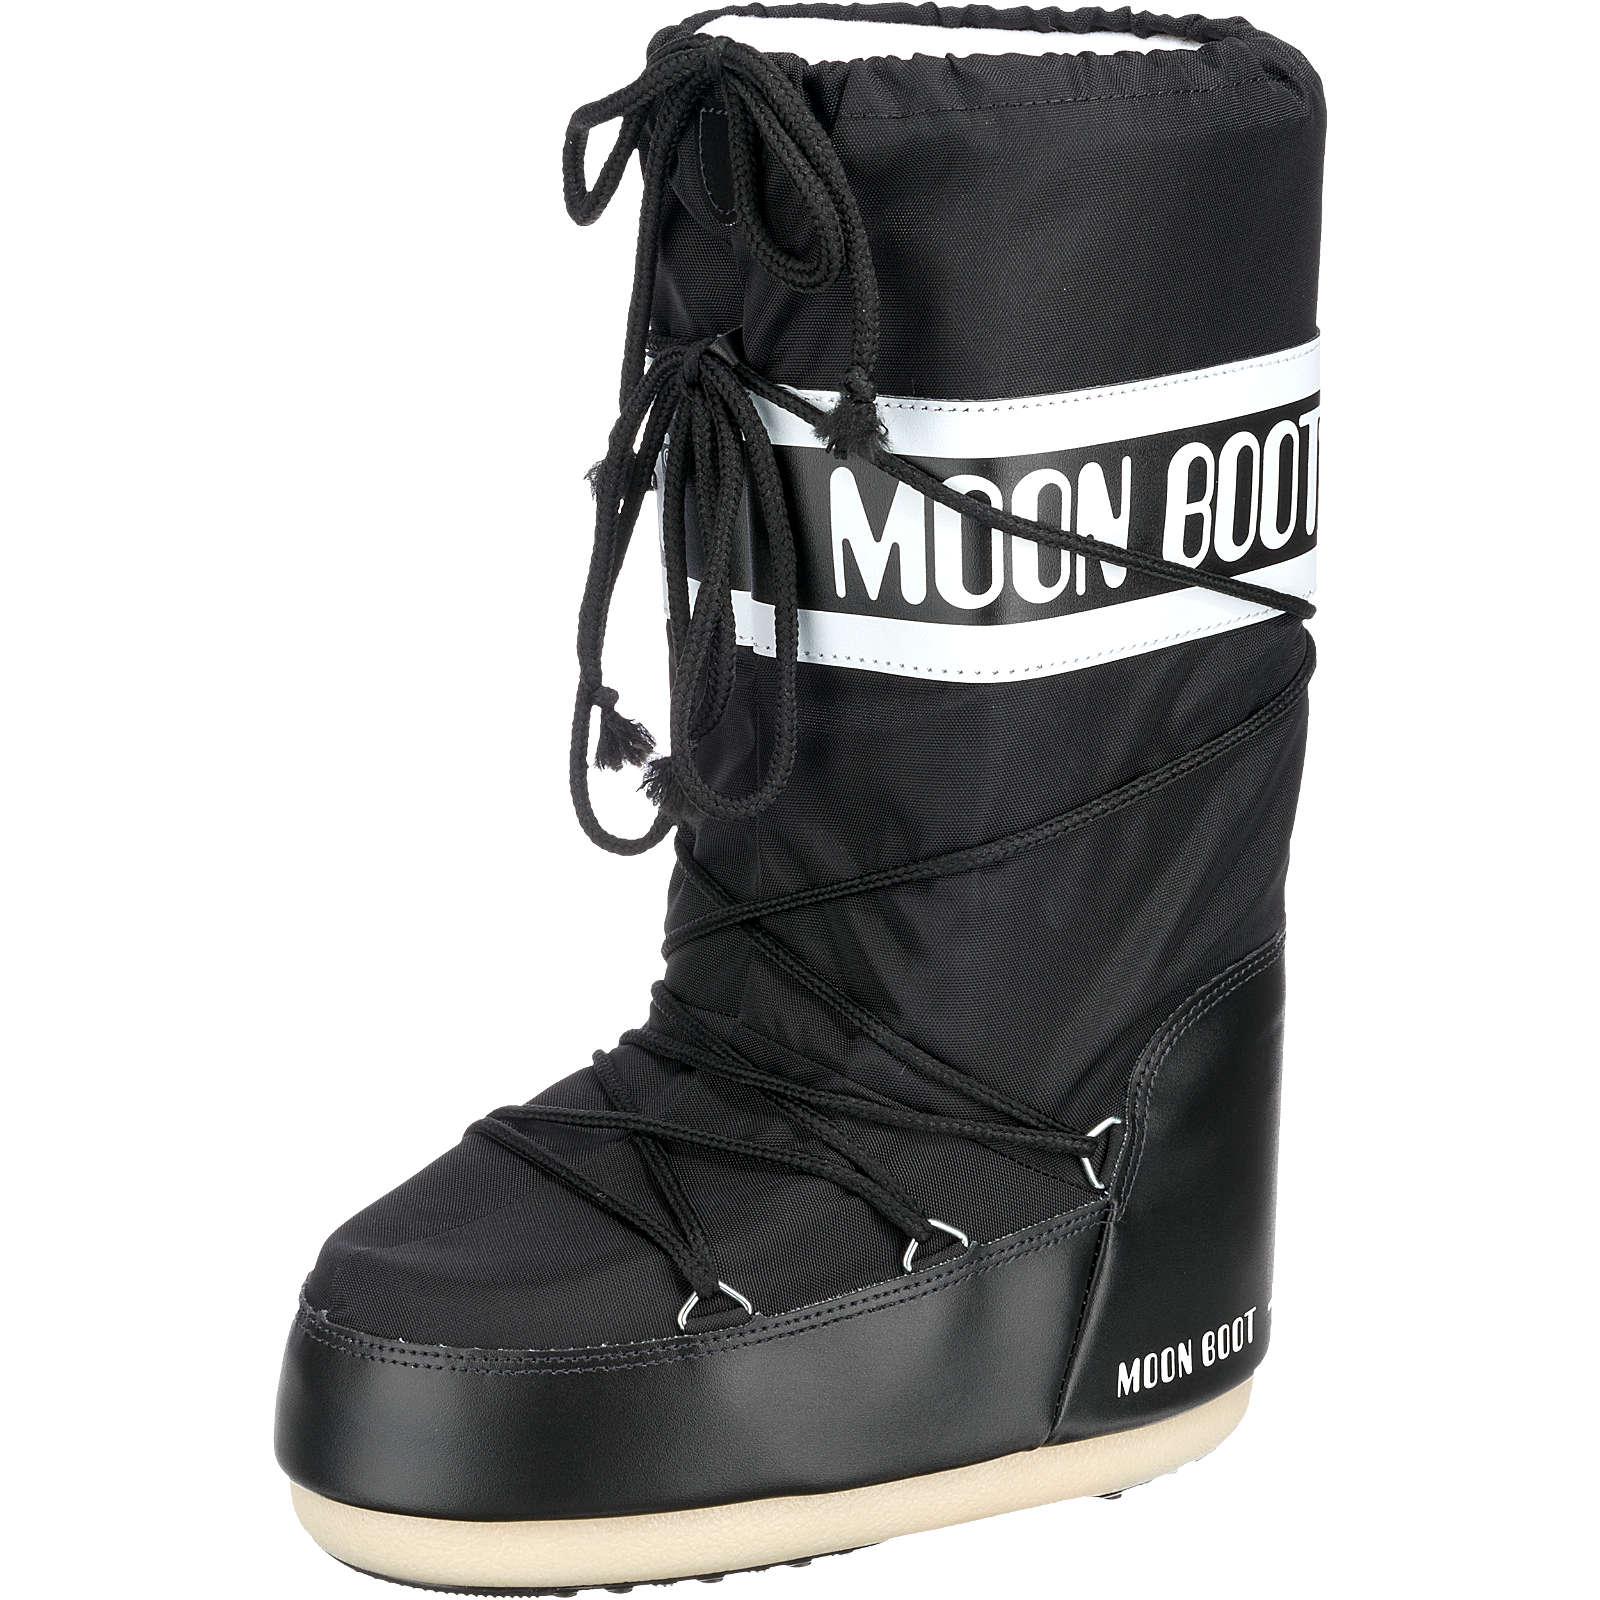 Moonboot Moon Boot Nylon Winterstiefel schwarz Damen Gr. 42-44